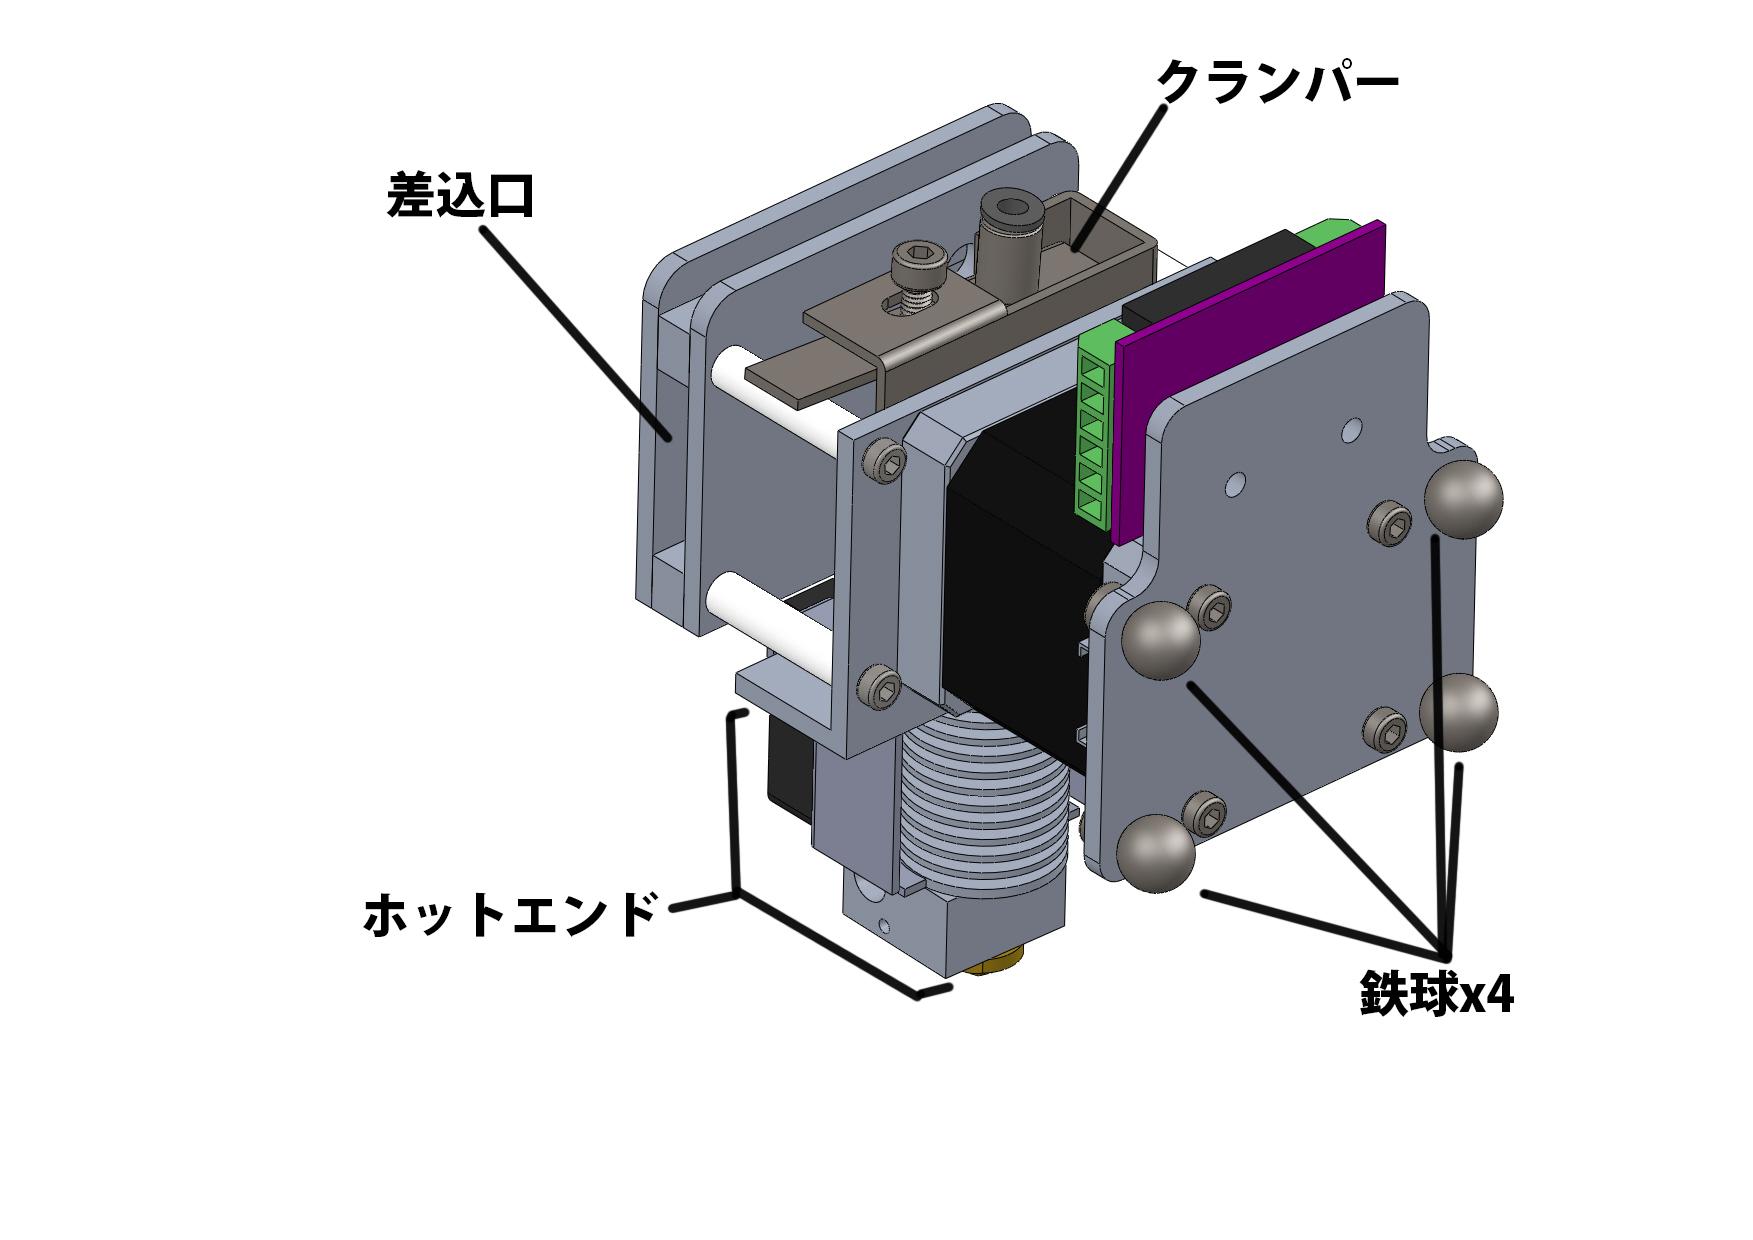 http://wiki.genkei.jp/image/genkei/TITAN/Assem%20NT%20DD%20Extruder%20on%20TITAN3%2003.JPG